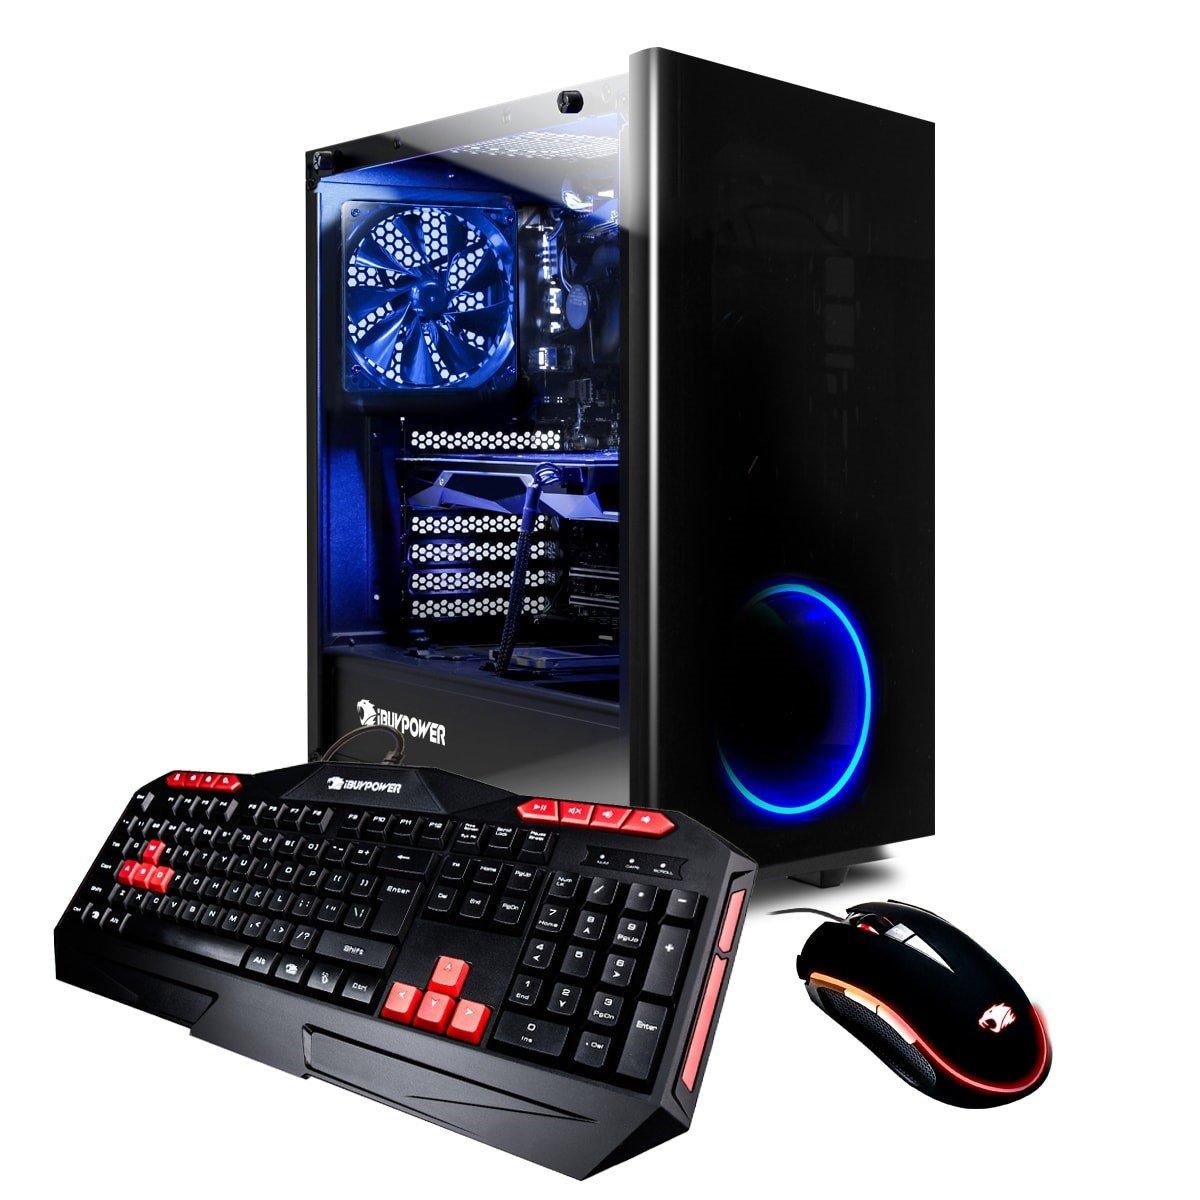 iBUYPOWER Gaming Elite Desktop PC Liquid Cooled AM8440i Intel i7-8700k 3.70GHz, NVIDIA Geforce GTX 1060 6GB, 16GB DDR4 RAM, 1TB 7200RPM HDD,  240GB SSD, Wifi, RGB, Win 10, VR Ready by iBUYPOWER (Image #1)